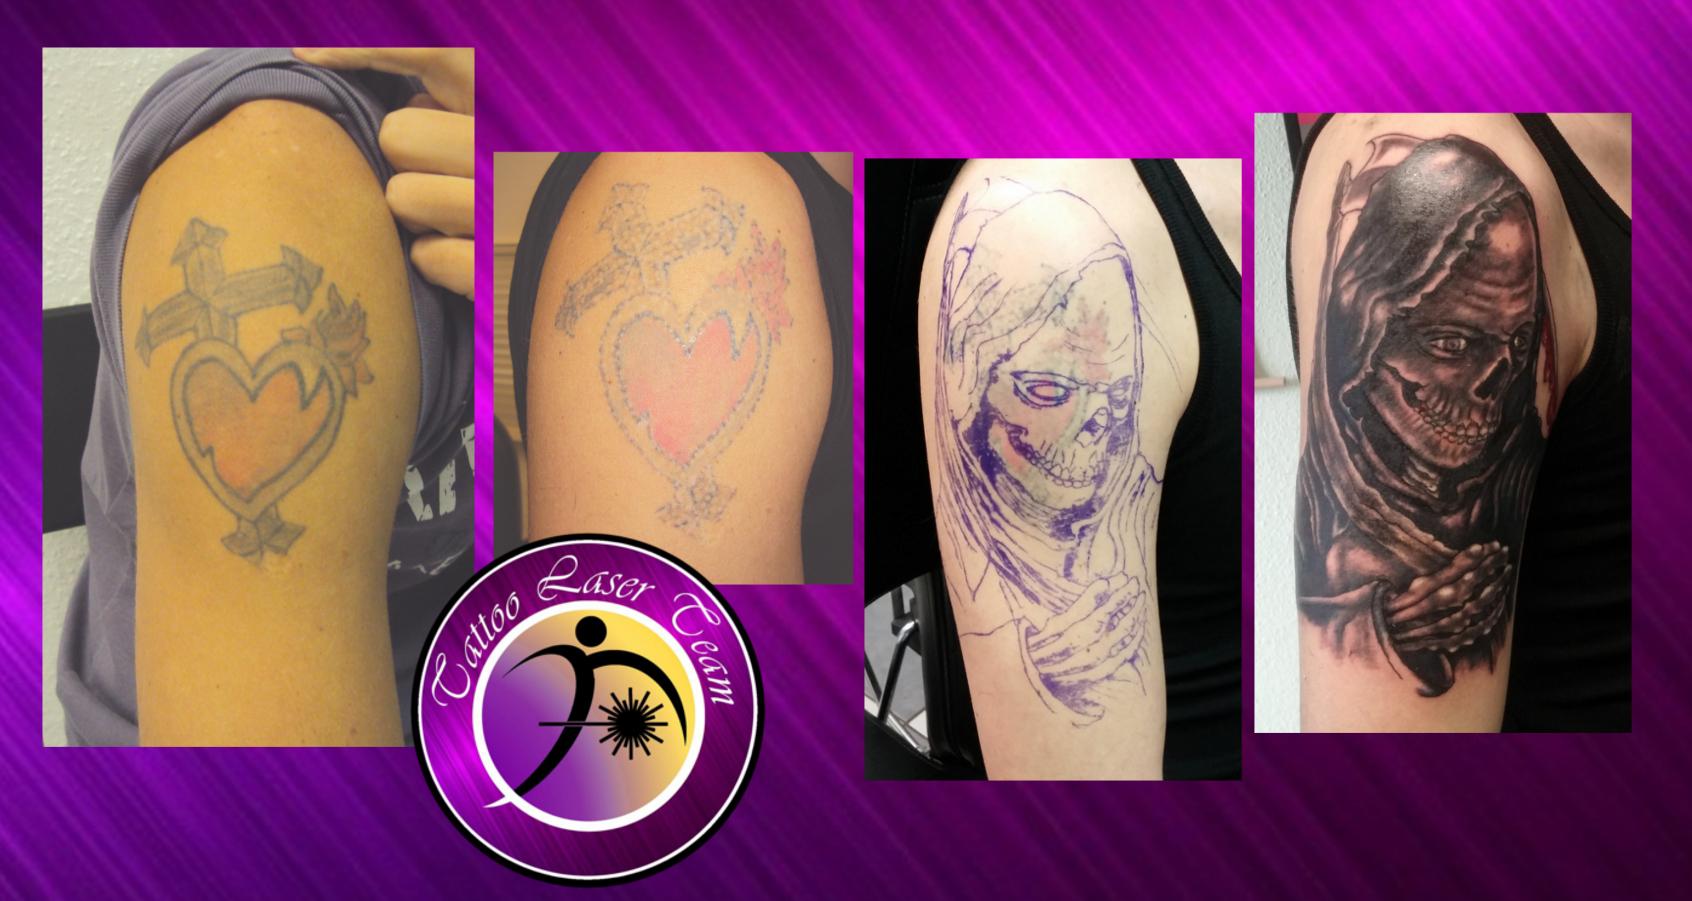 Tattoo Enternung für Cover Up